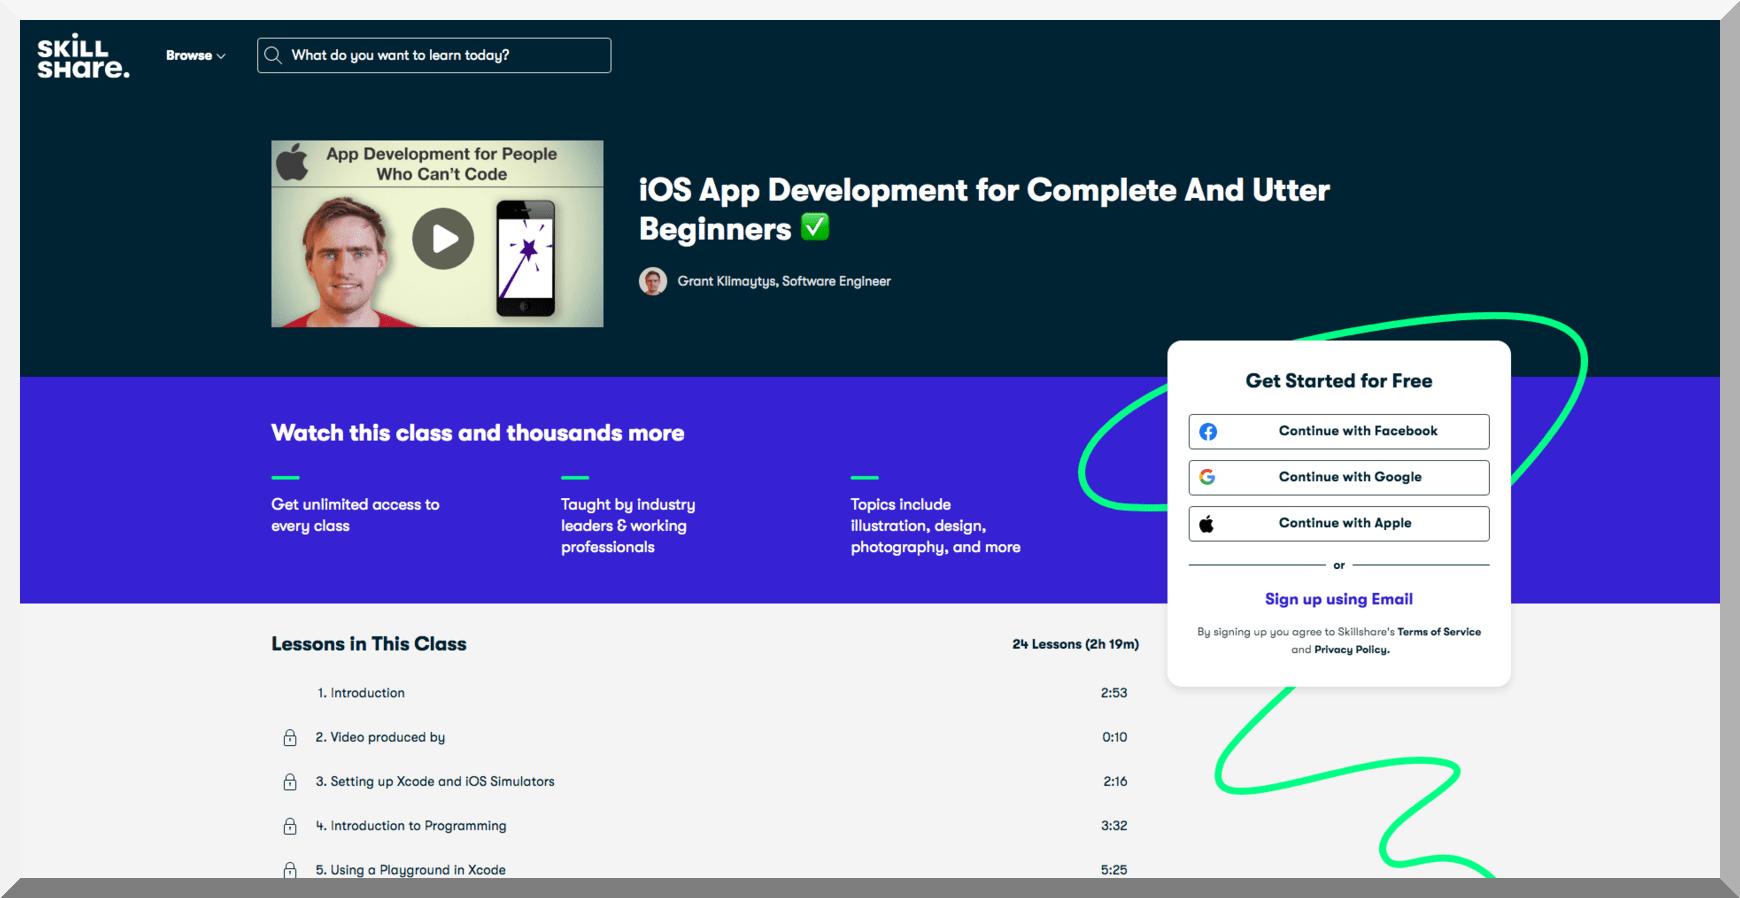 iOS App Development for Complete and Utter Beginners – Skillshare